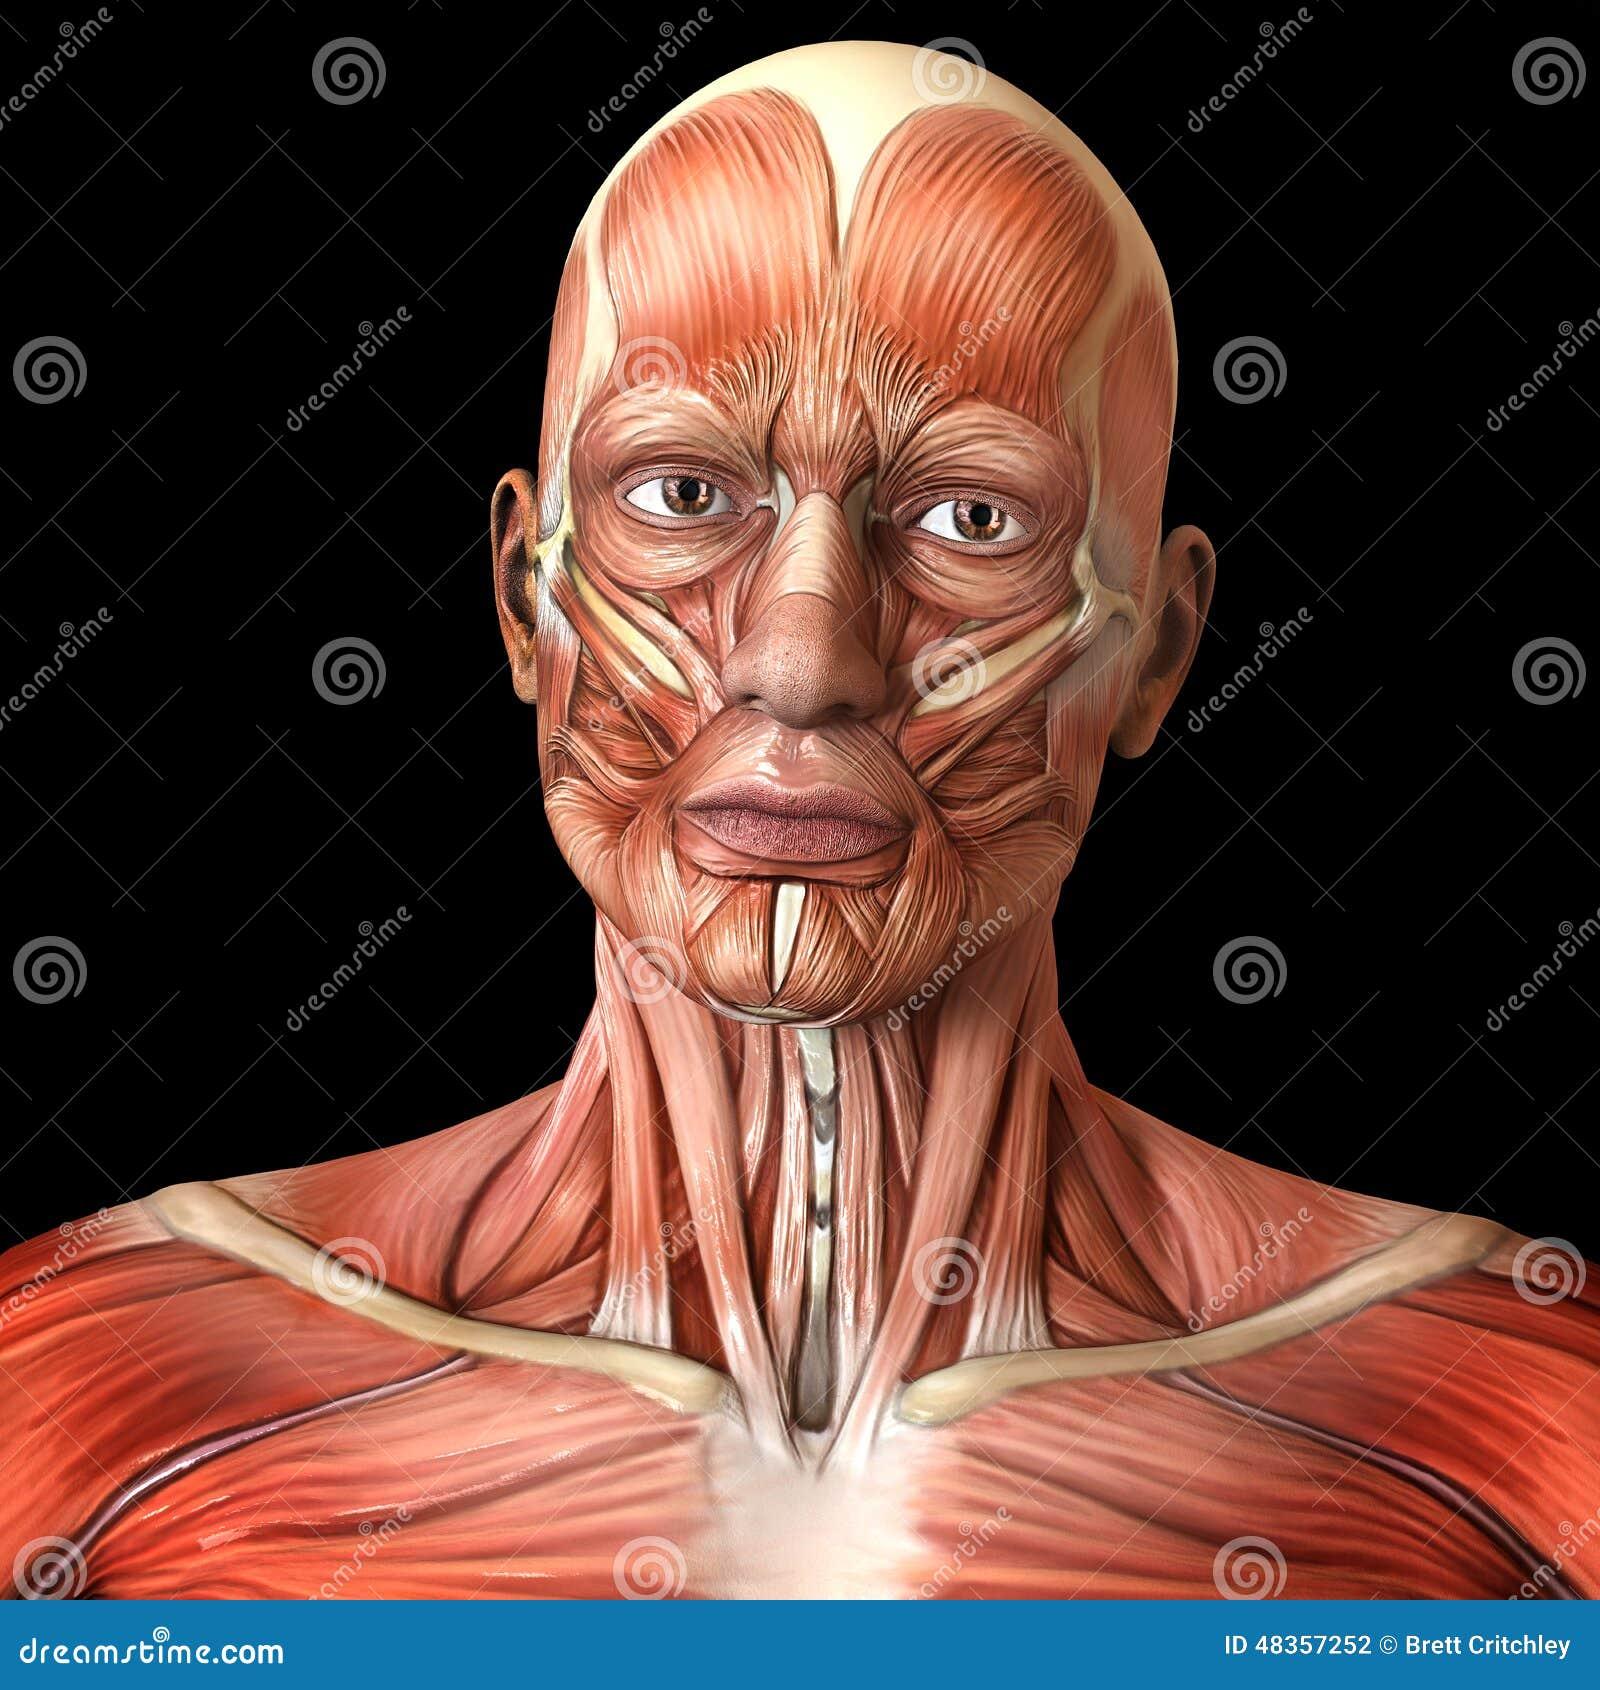 Músculos Faciales De La Cara - Anatomía Humana Stock de ilustración ...